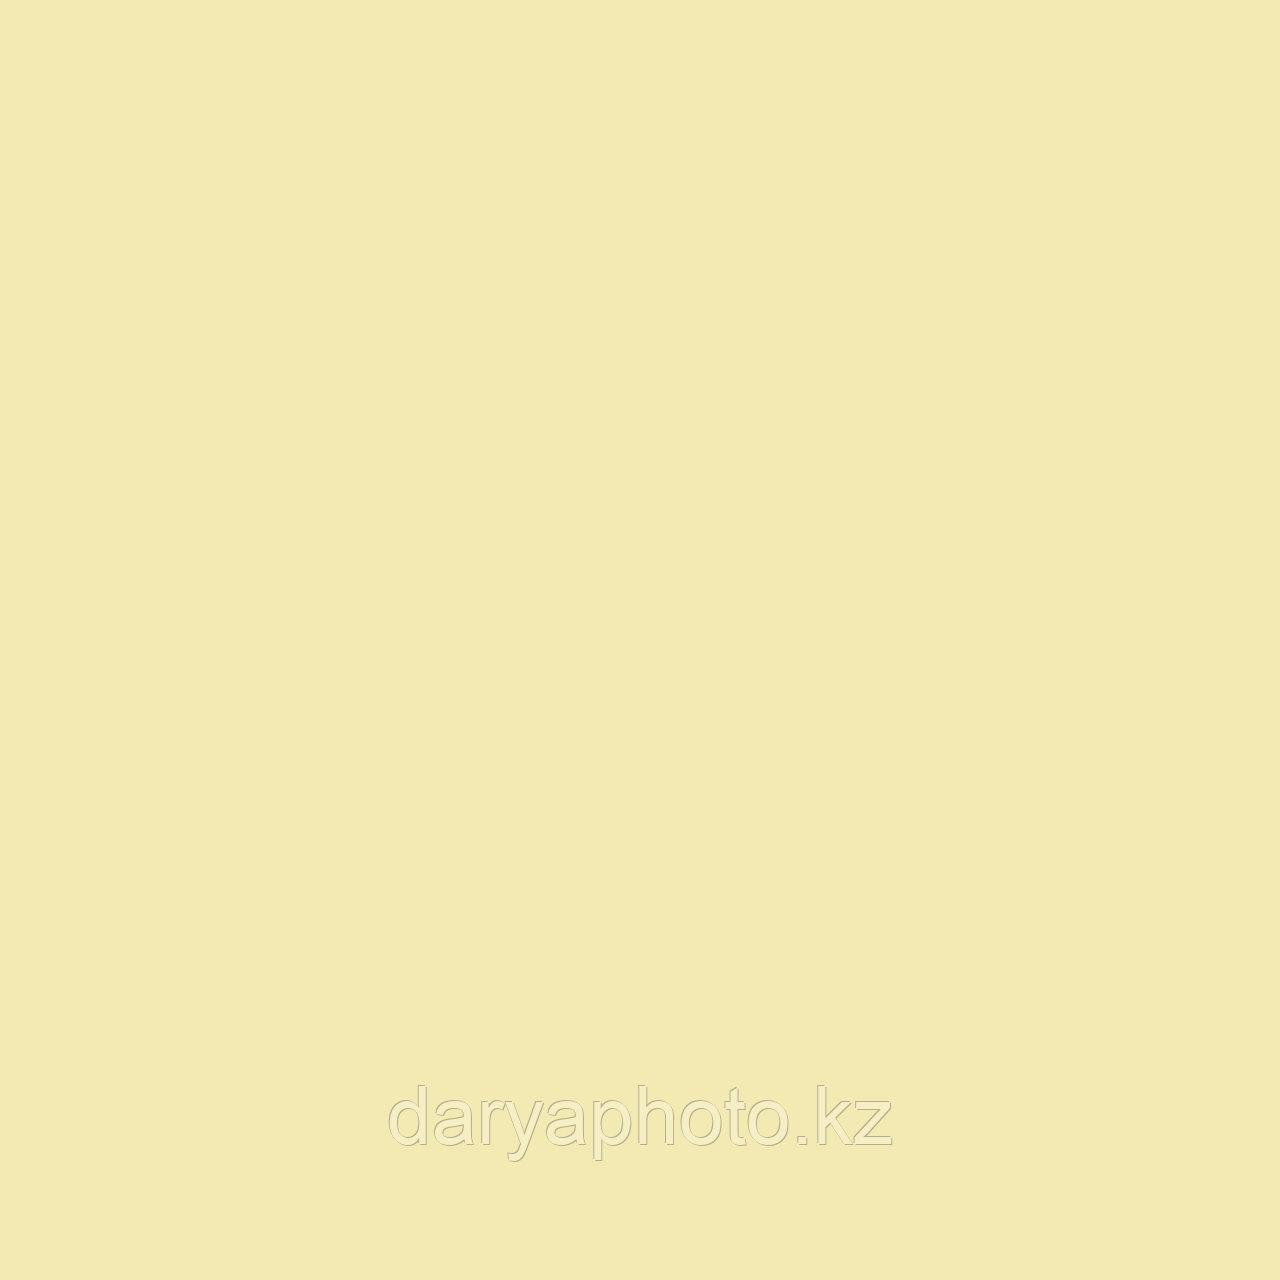 Бежевый Фон бумажный. Фотофон. Фон для фотостудии